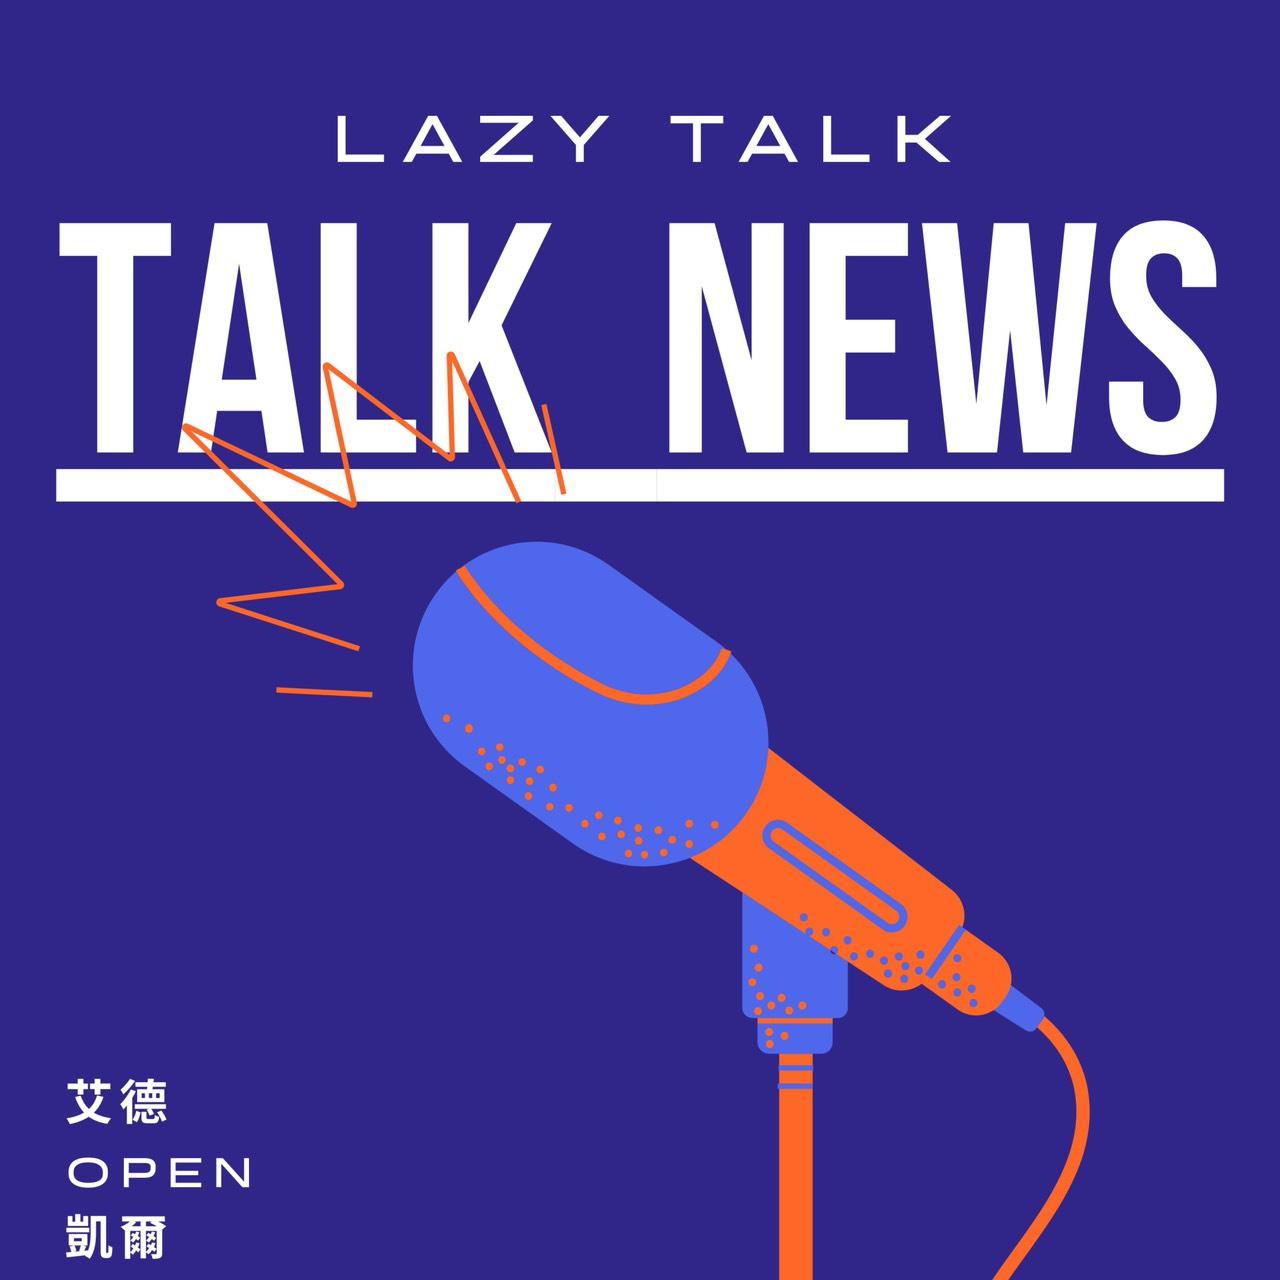 [Talk News]透時事#15 - 吸一口, 真香!